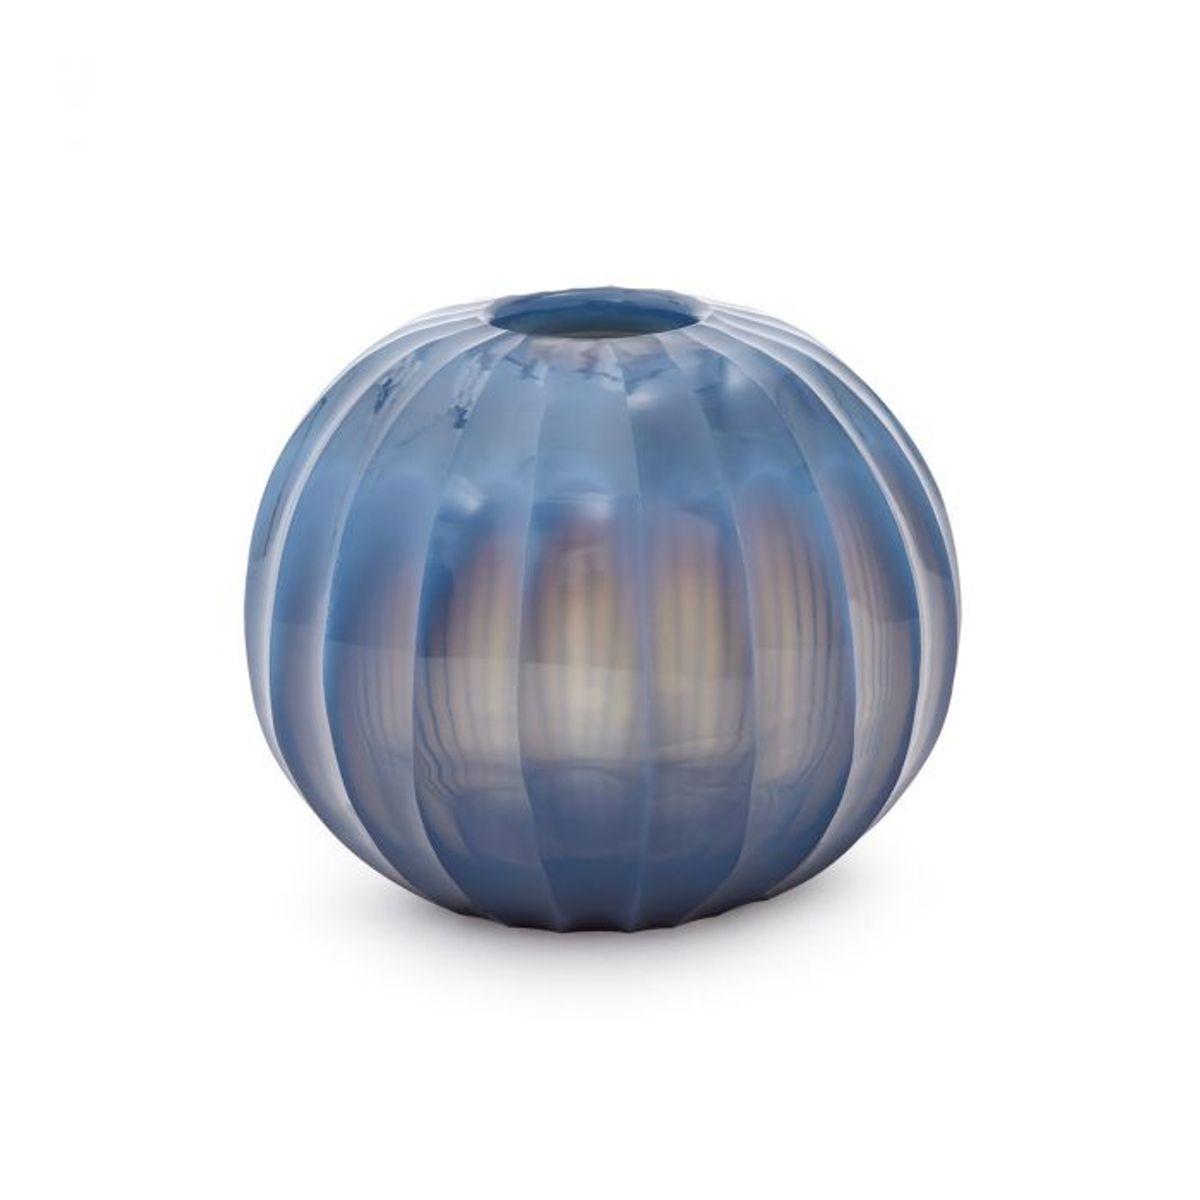 Vases & Jars 17924